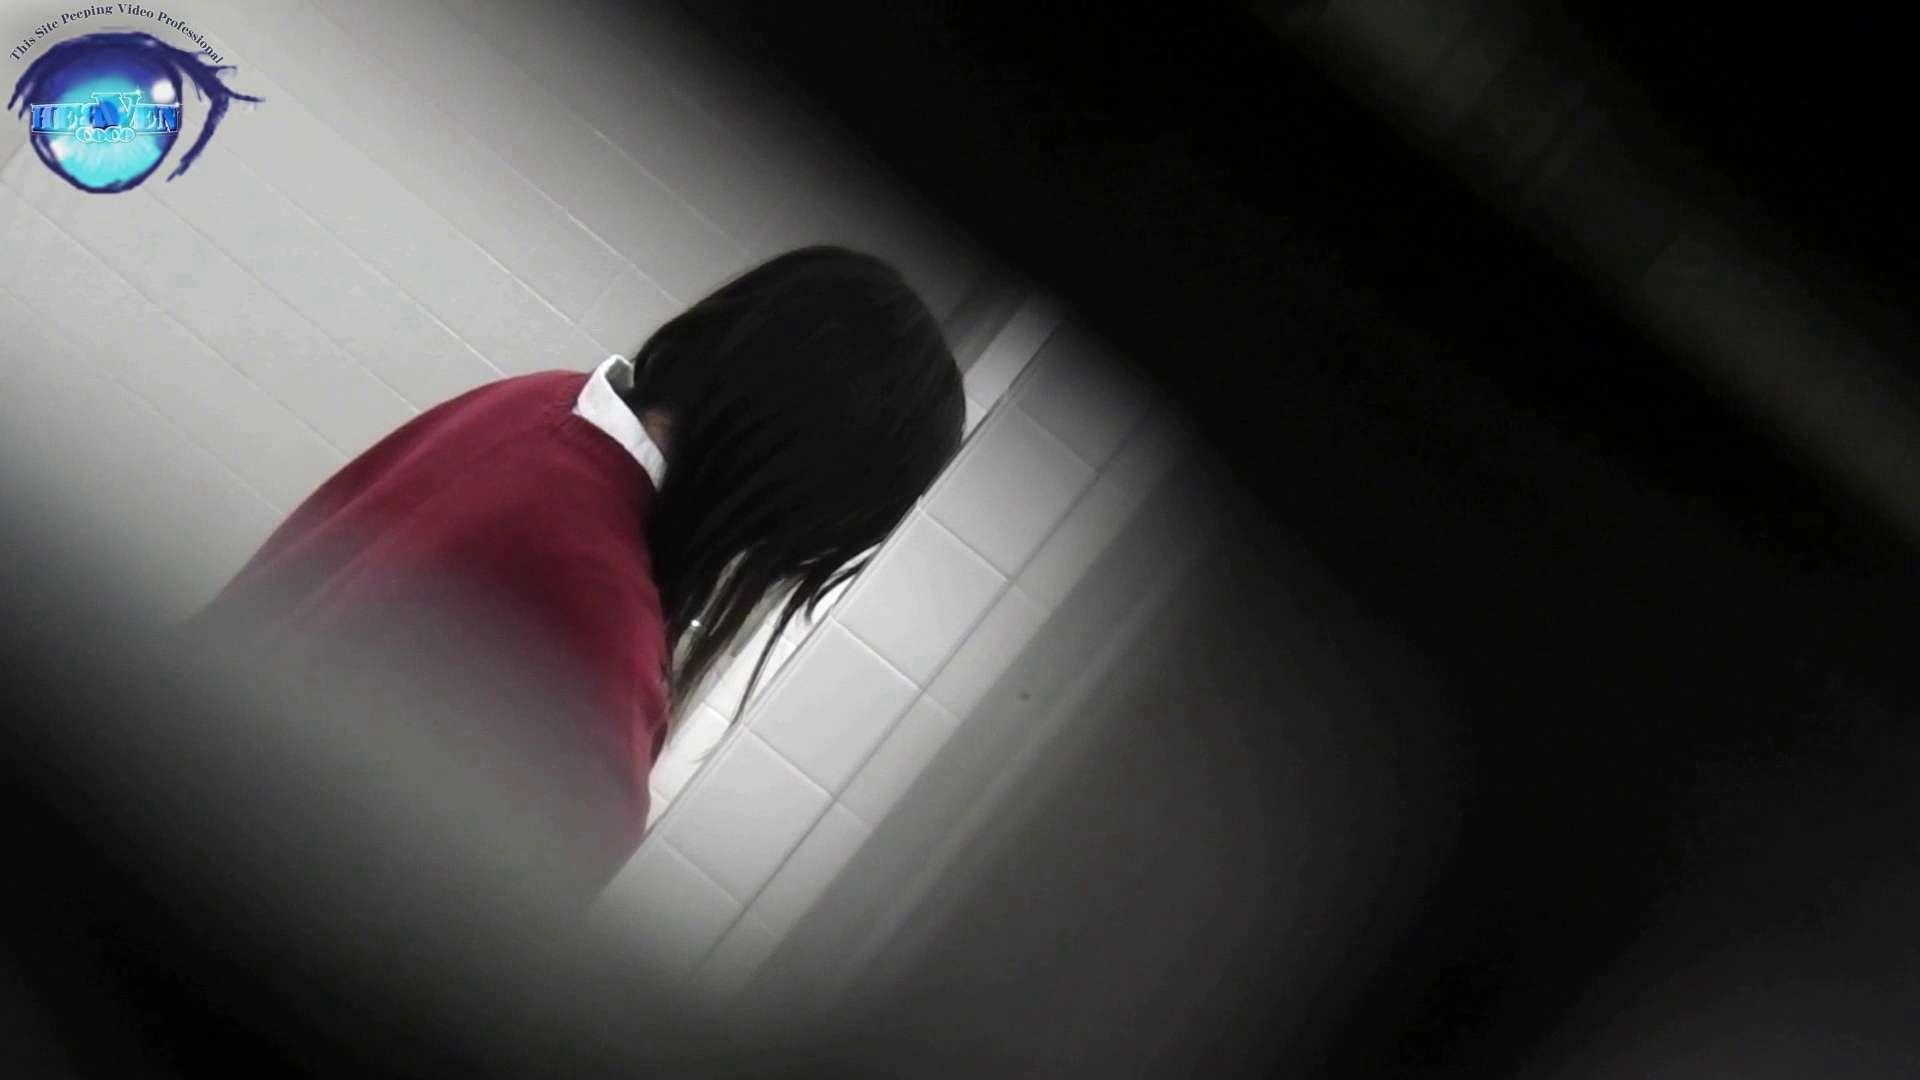 お銀さん vol.59 ピンチ!!「鏡の前で祈る女性」にばれる危機 後編  106枚